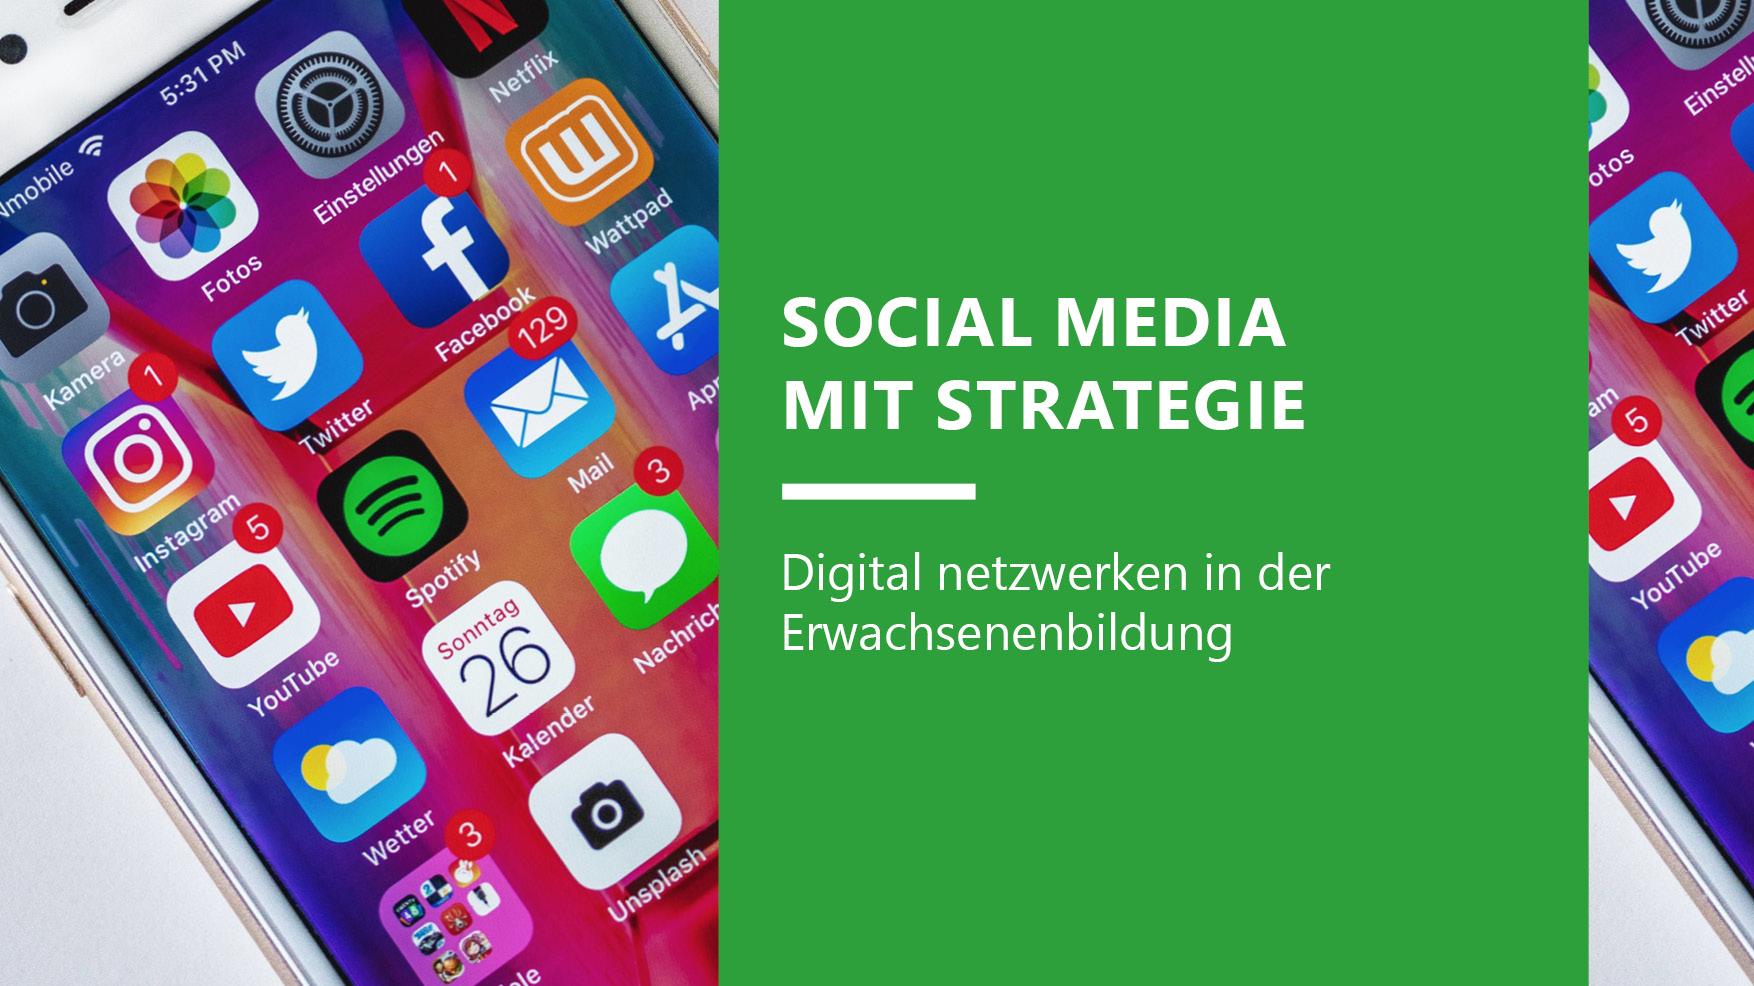 Social Media mit Strategie – Digital netzwerken in der Erwachsenenbildung